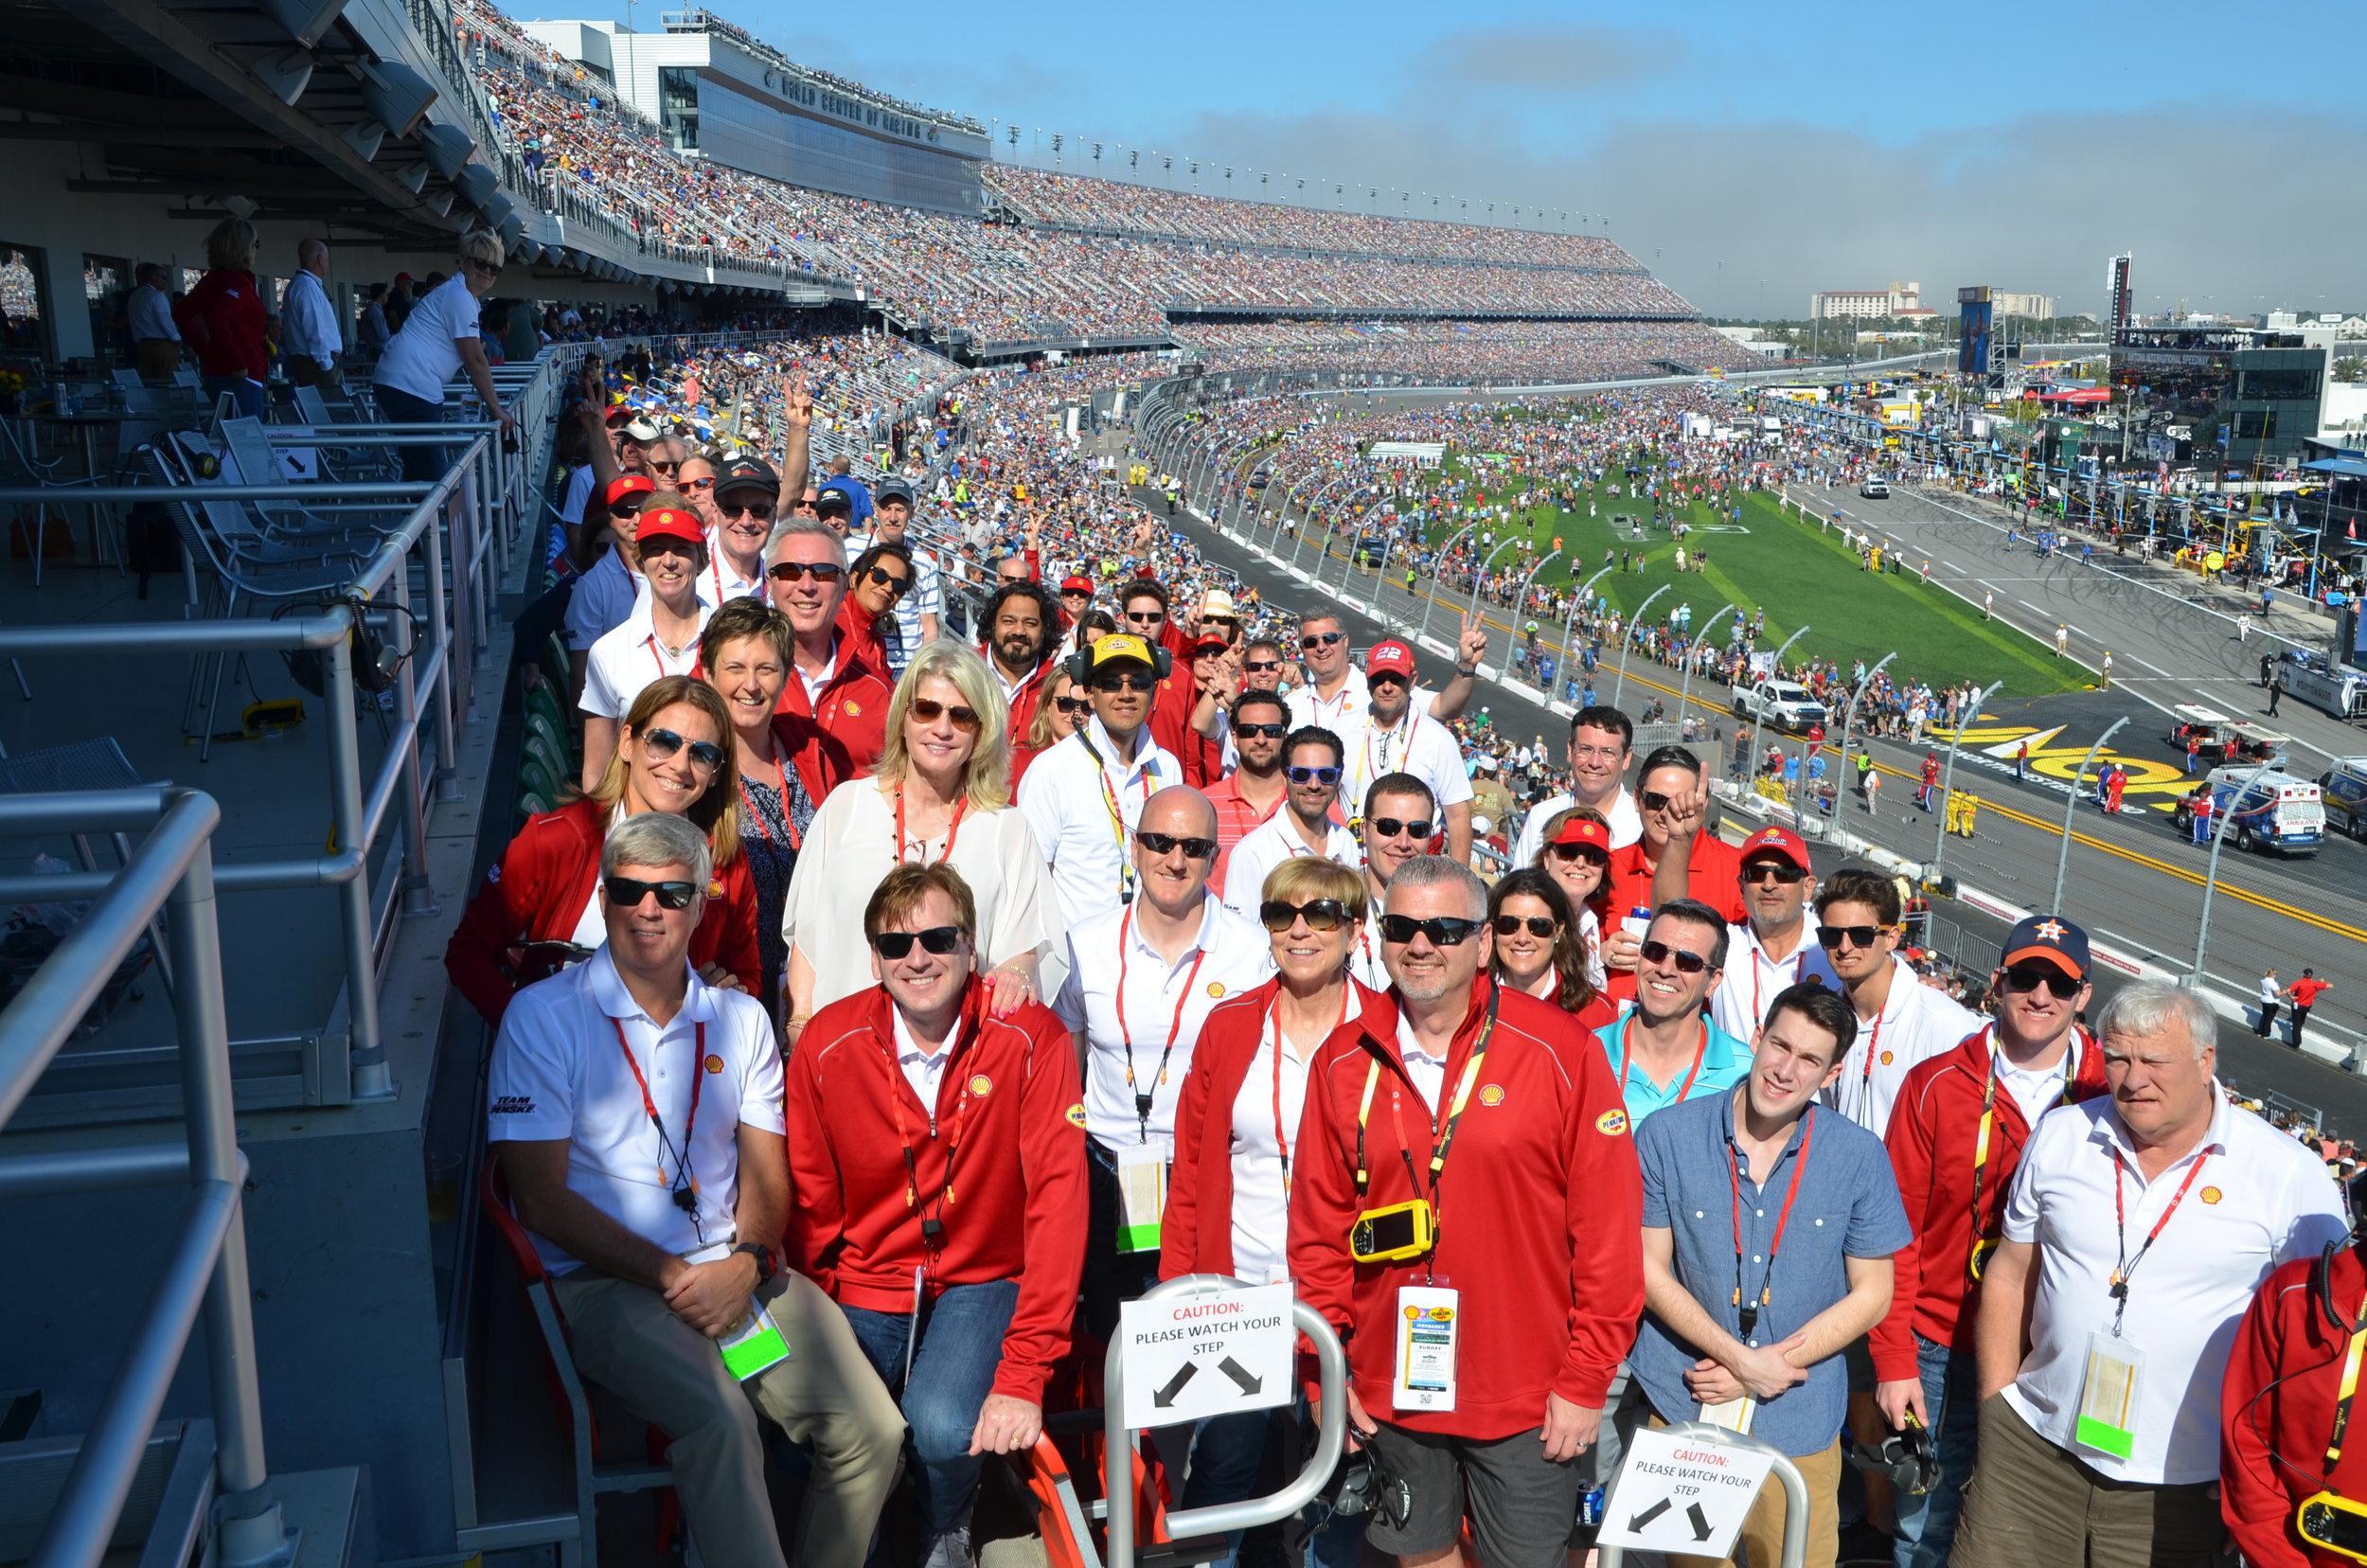 2018 Daytona 500 - NASCAR